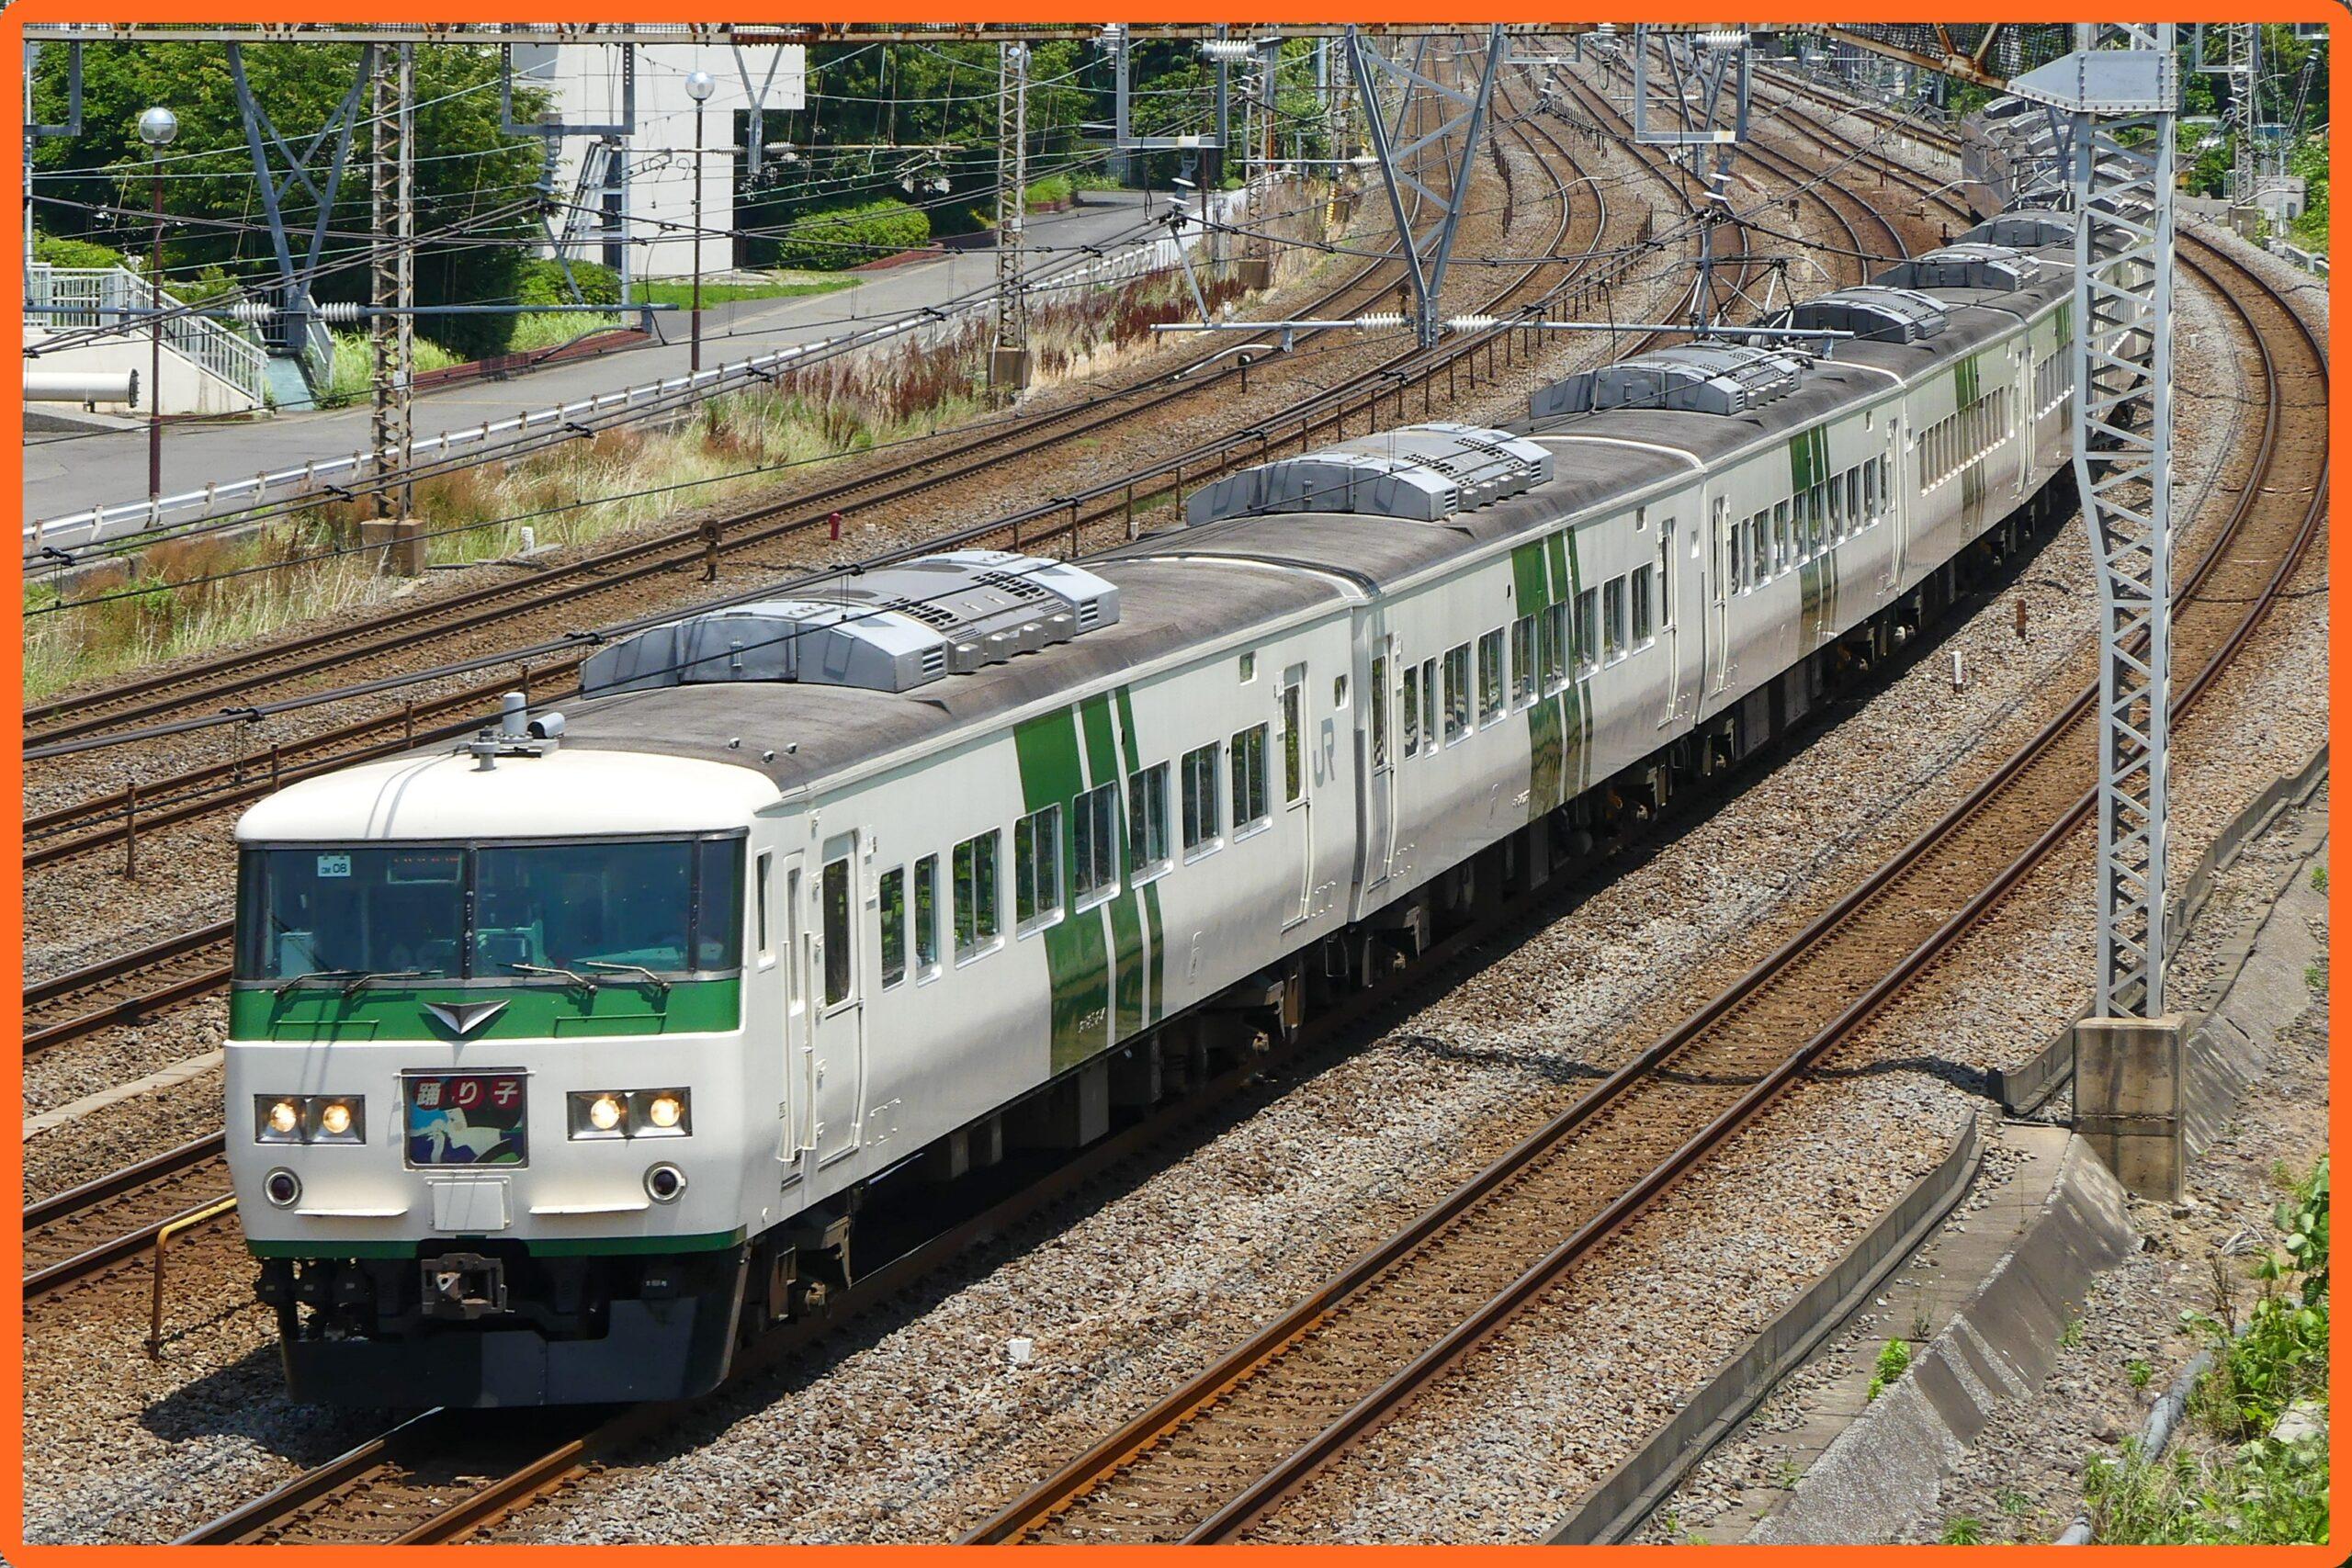 【185系踊り子復活?】東京→伊豆急下田で運転(2021年7月17日㈯)